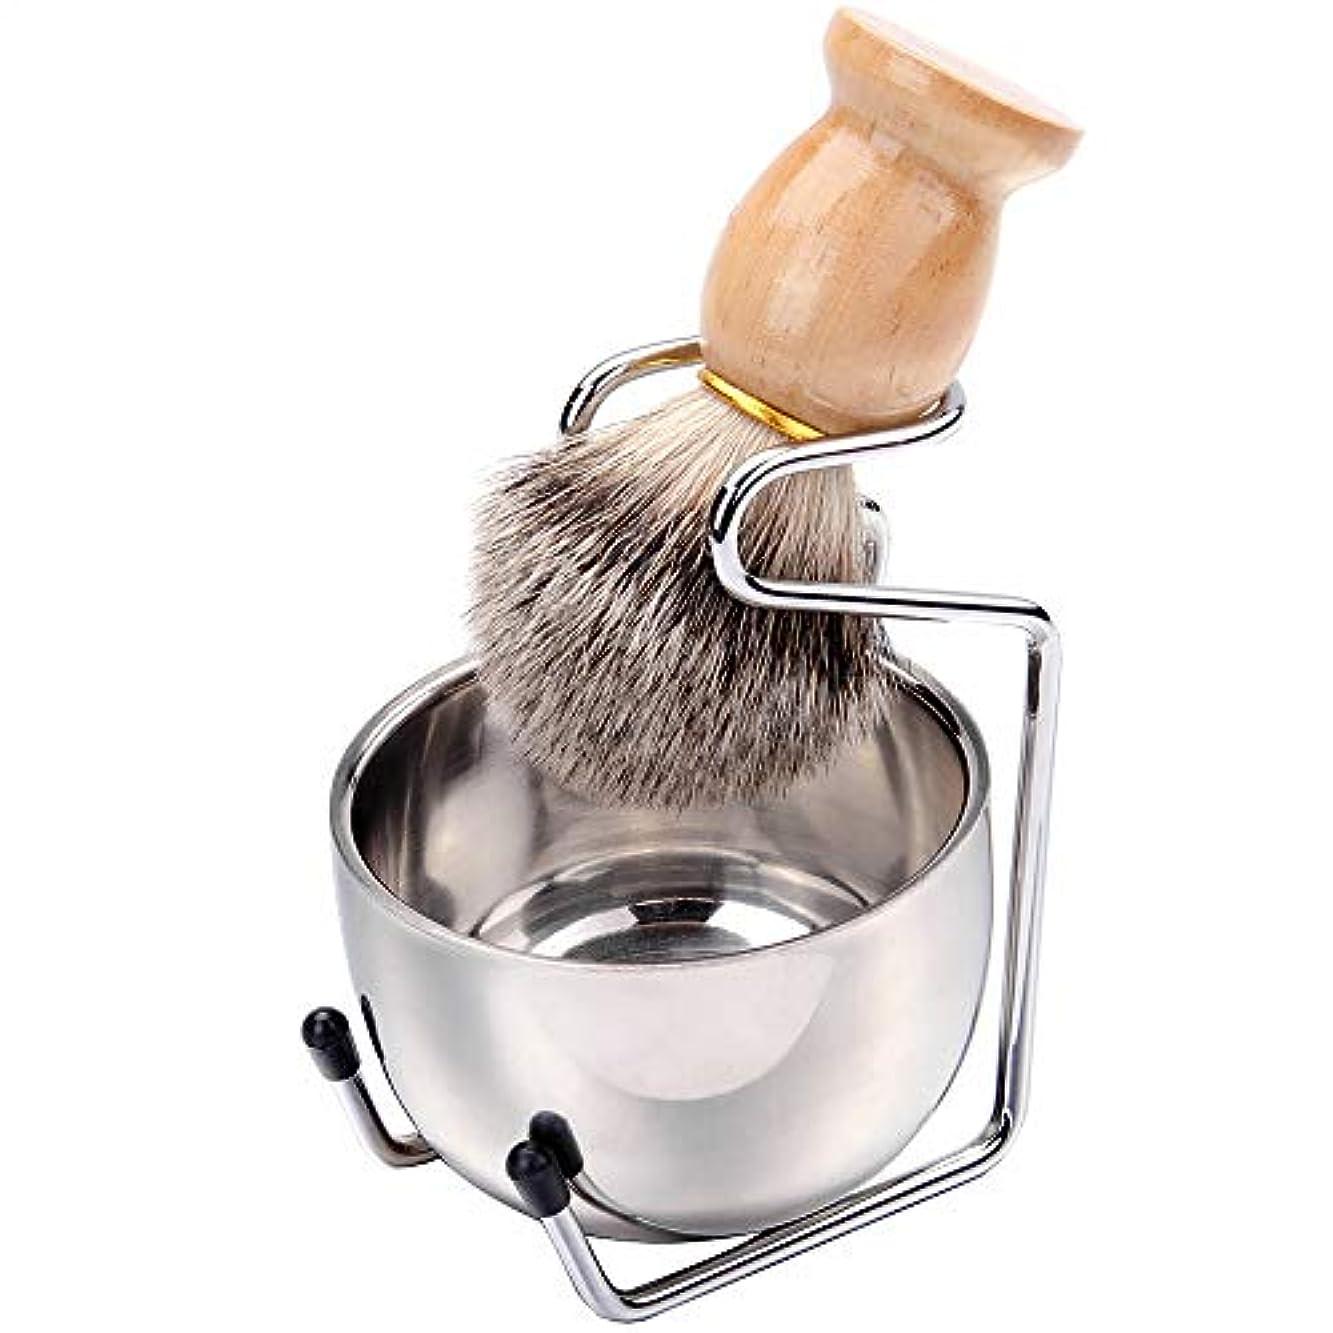 病気だと思う電気の天気Men's Shaving Tool, 3-piece Beard Care Set Soap Bowl Hanger Brush Facial